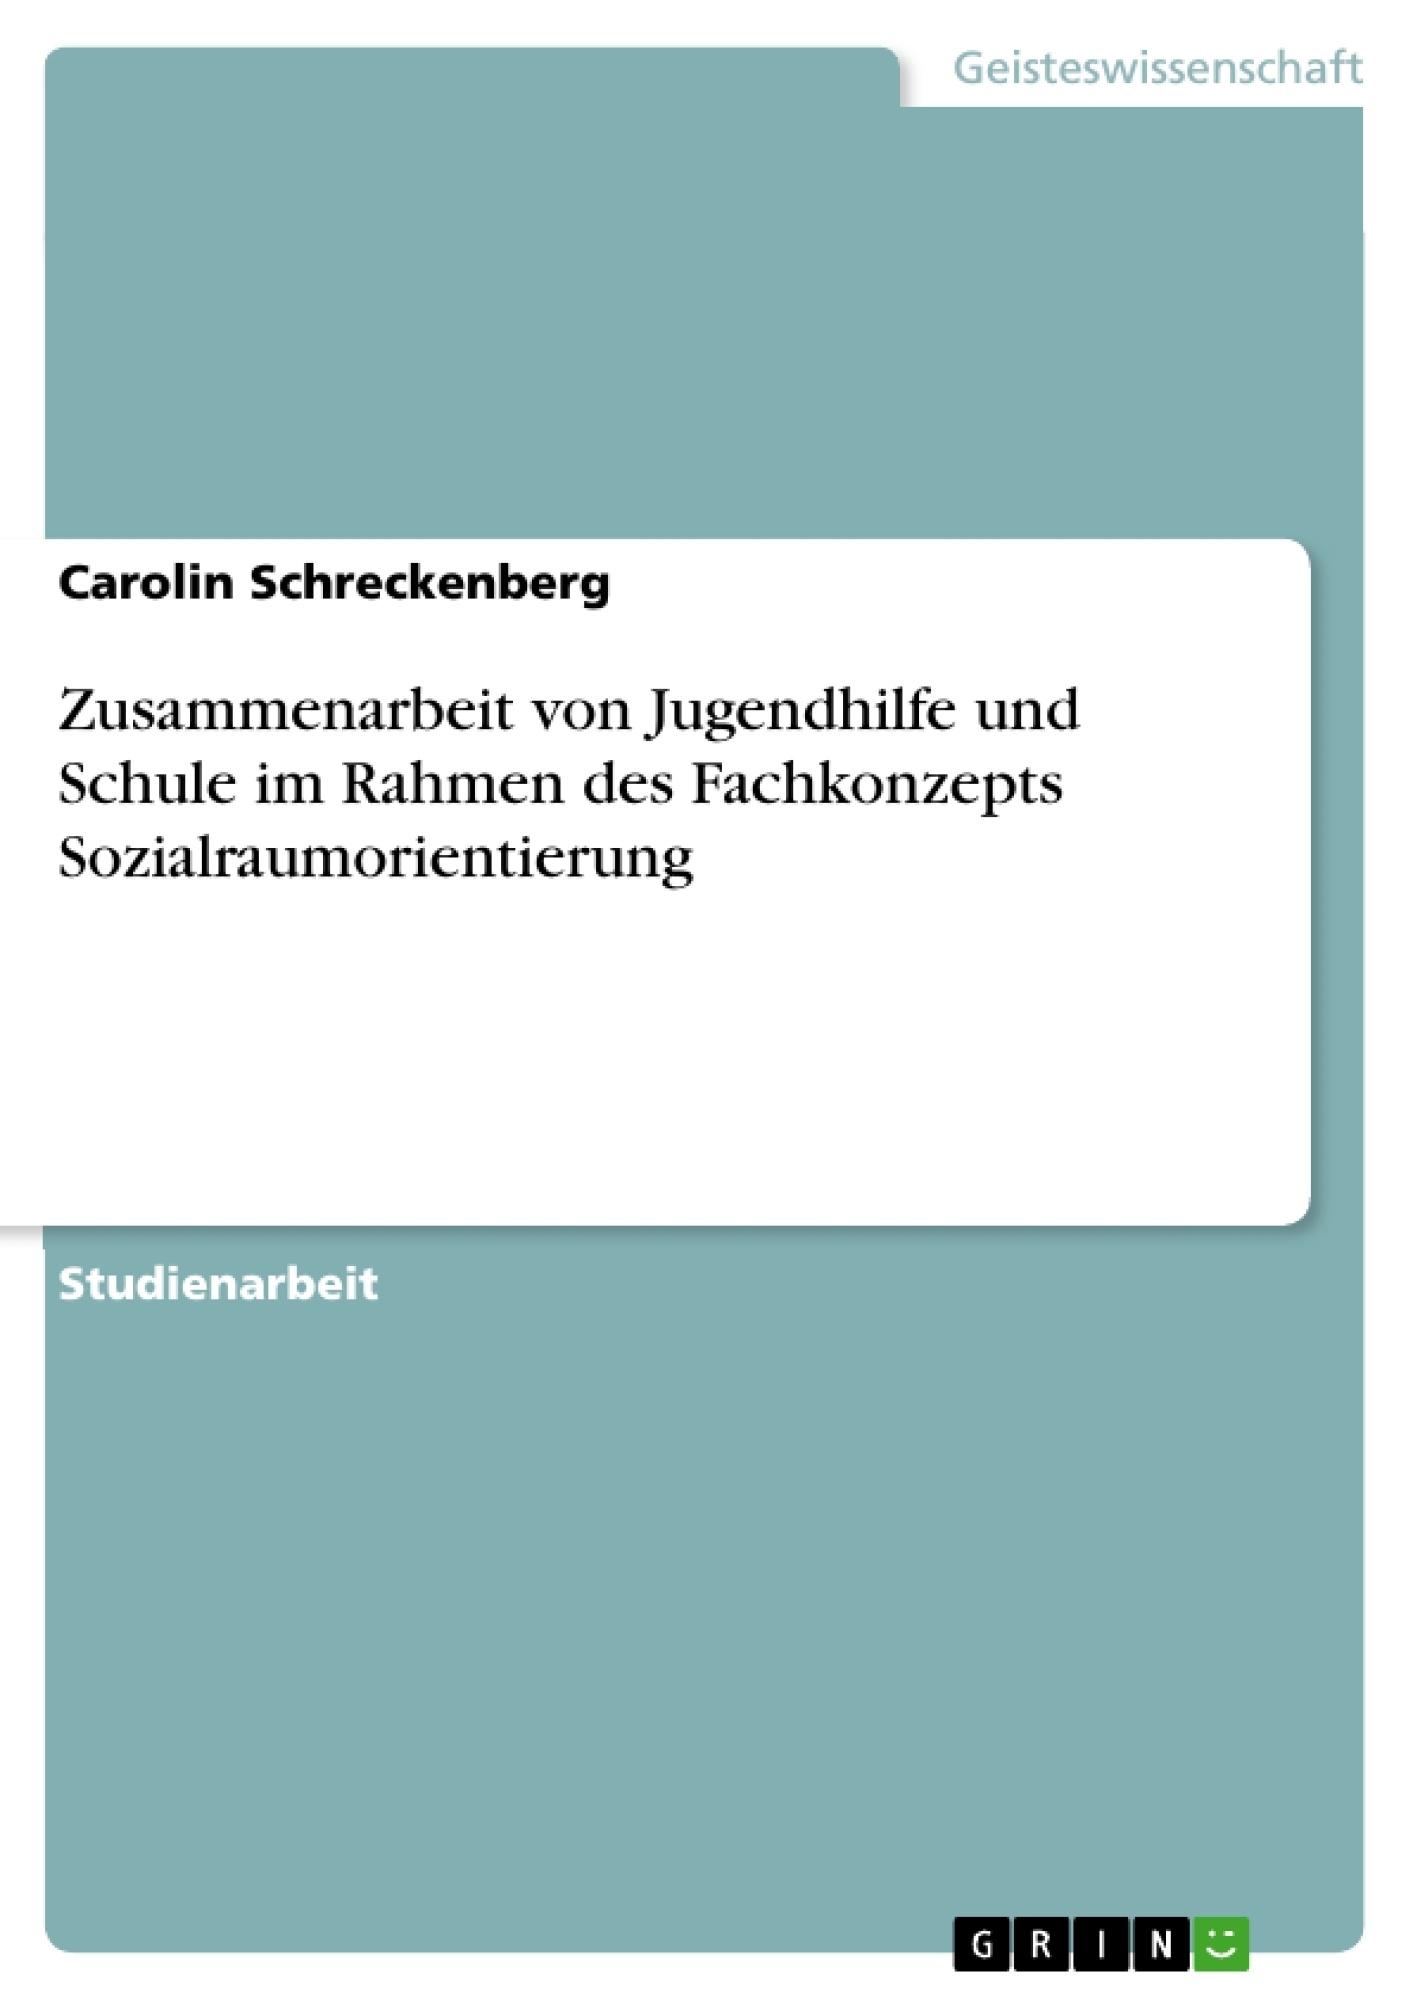 Titel: Zusammenarbeit von Jugendhilfe und Schule im Rahmen des Fachkonzepts Sozialraumorientierung